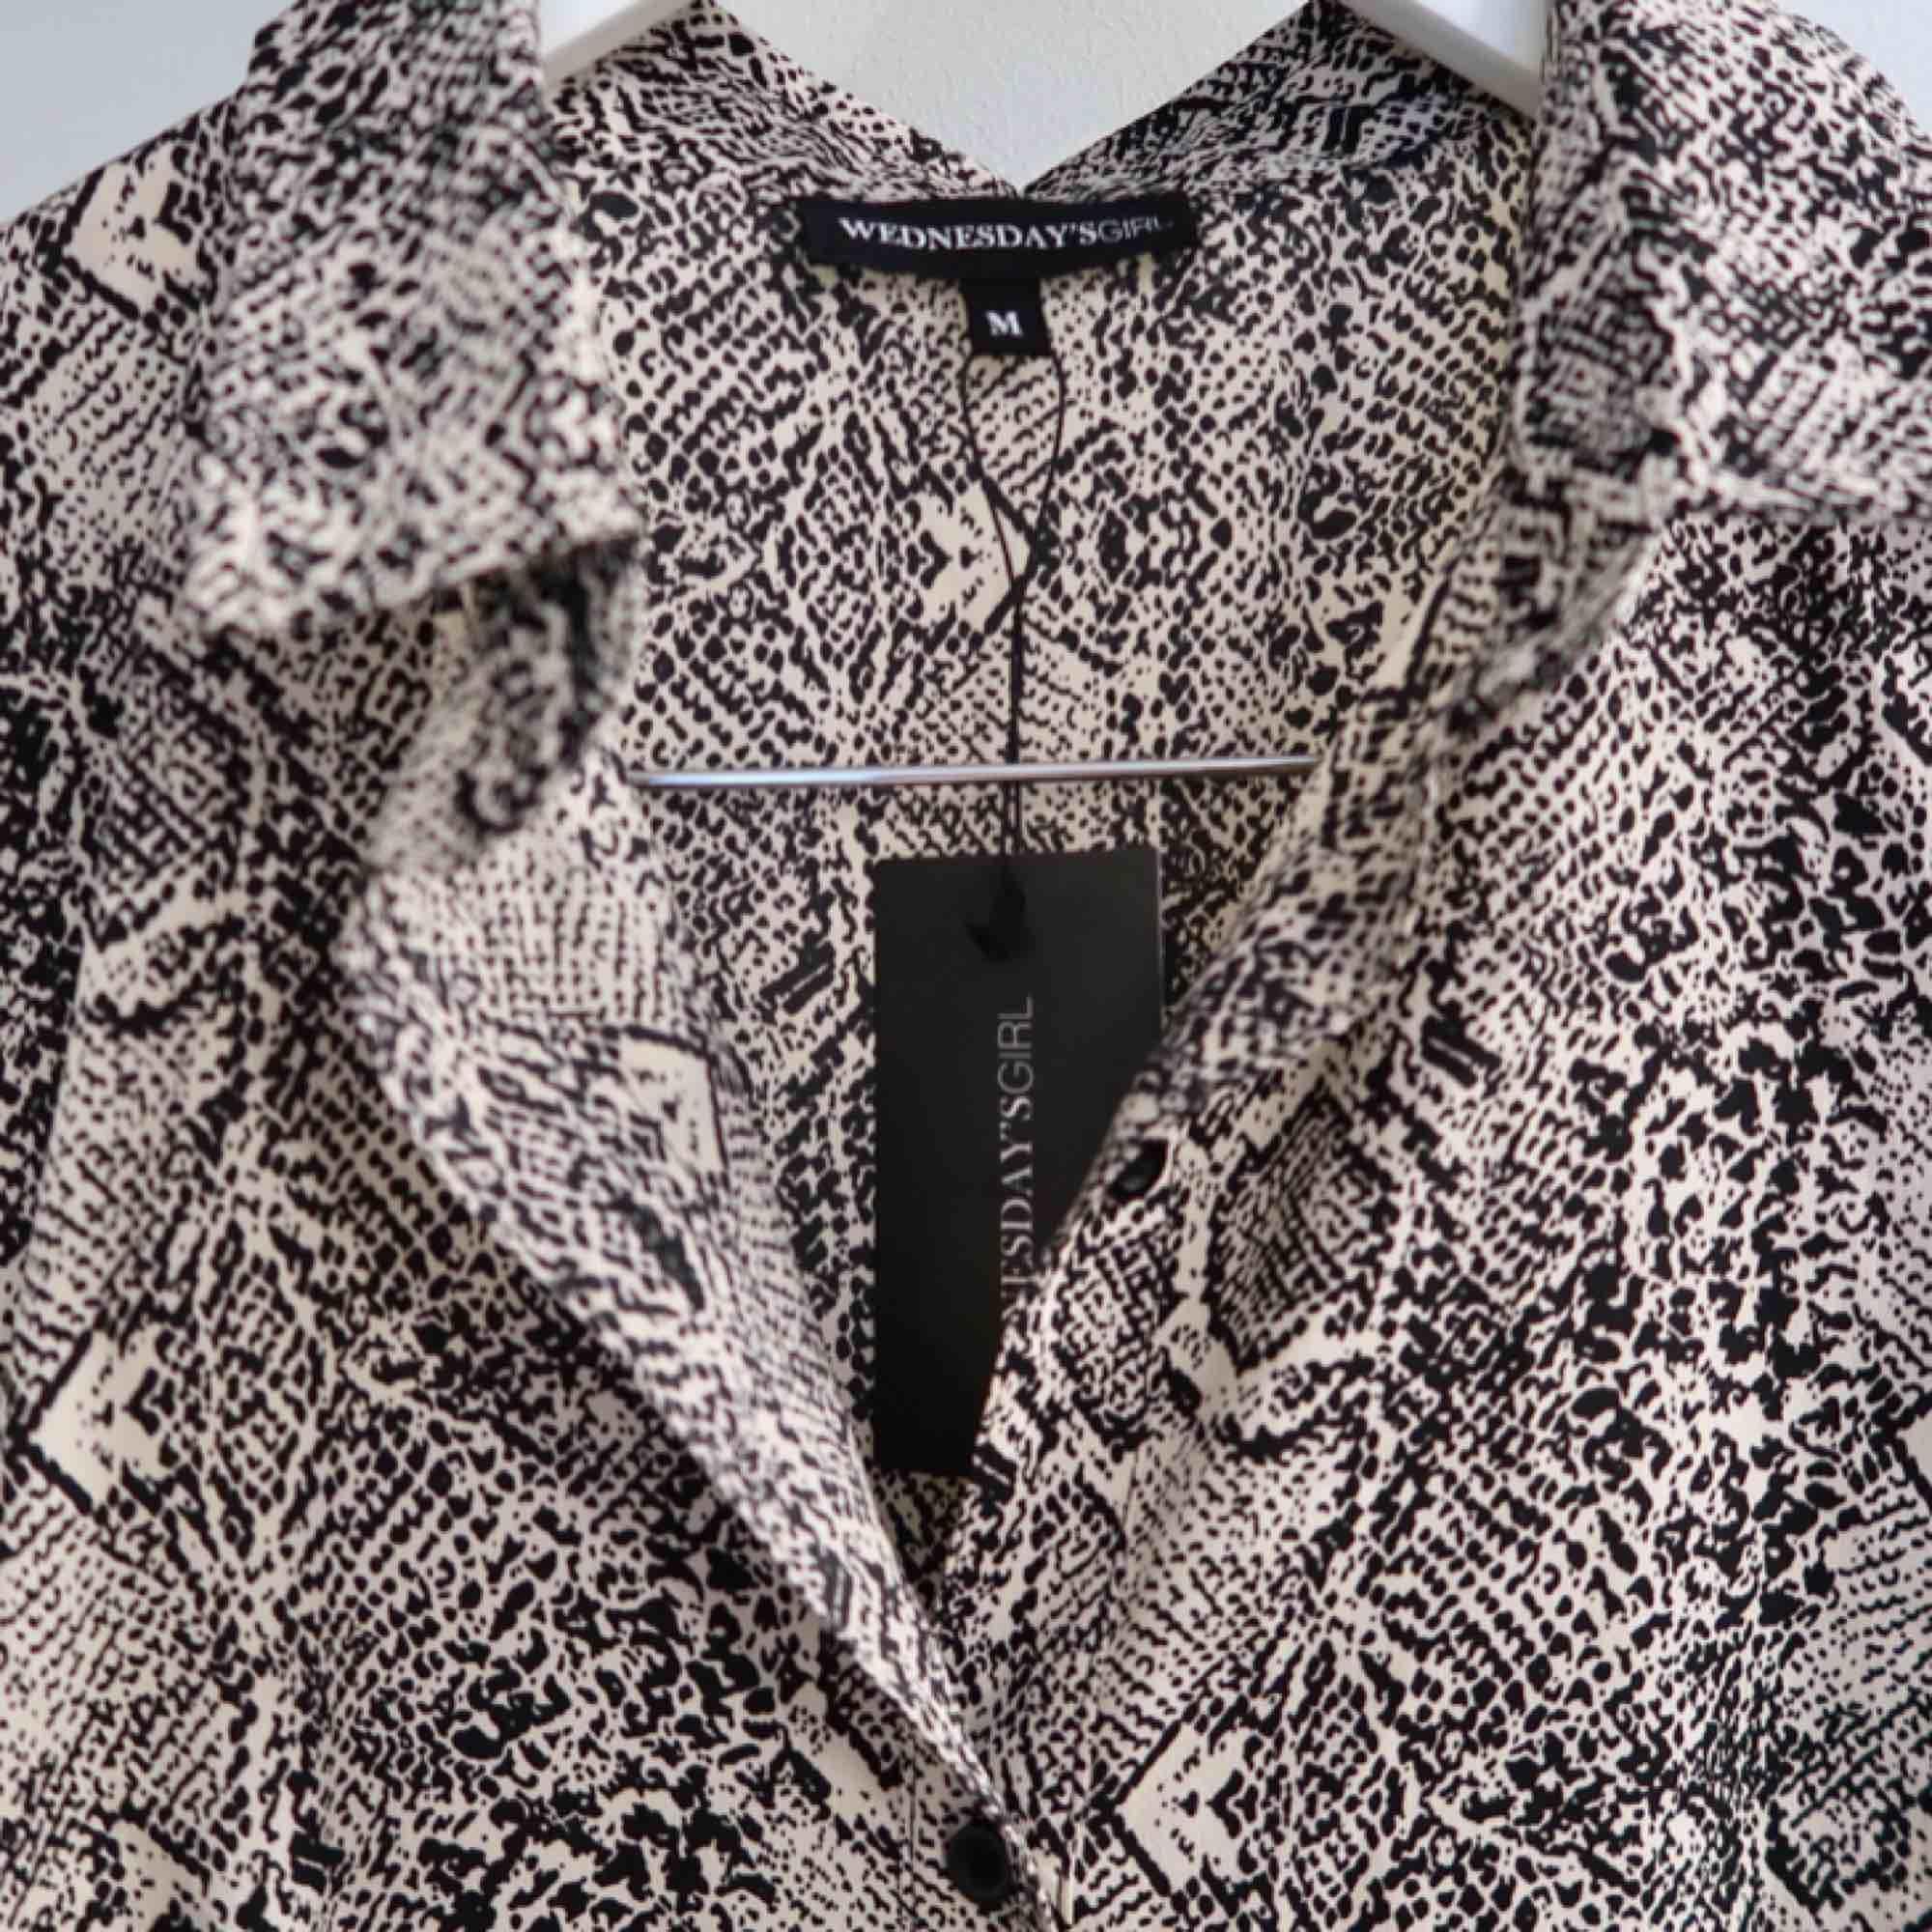 Super fin klänning med ormskinn mönster köpt från Asos!  Super tunt skönt material med två slits fram till (se bild 3) Är tyvärr lite för liten för mig och säljer därmed oanvänd!  Passar 38-40 . Klänningar.